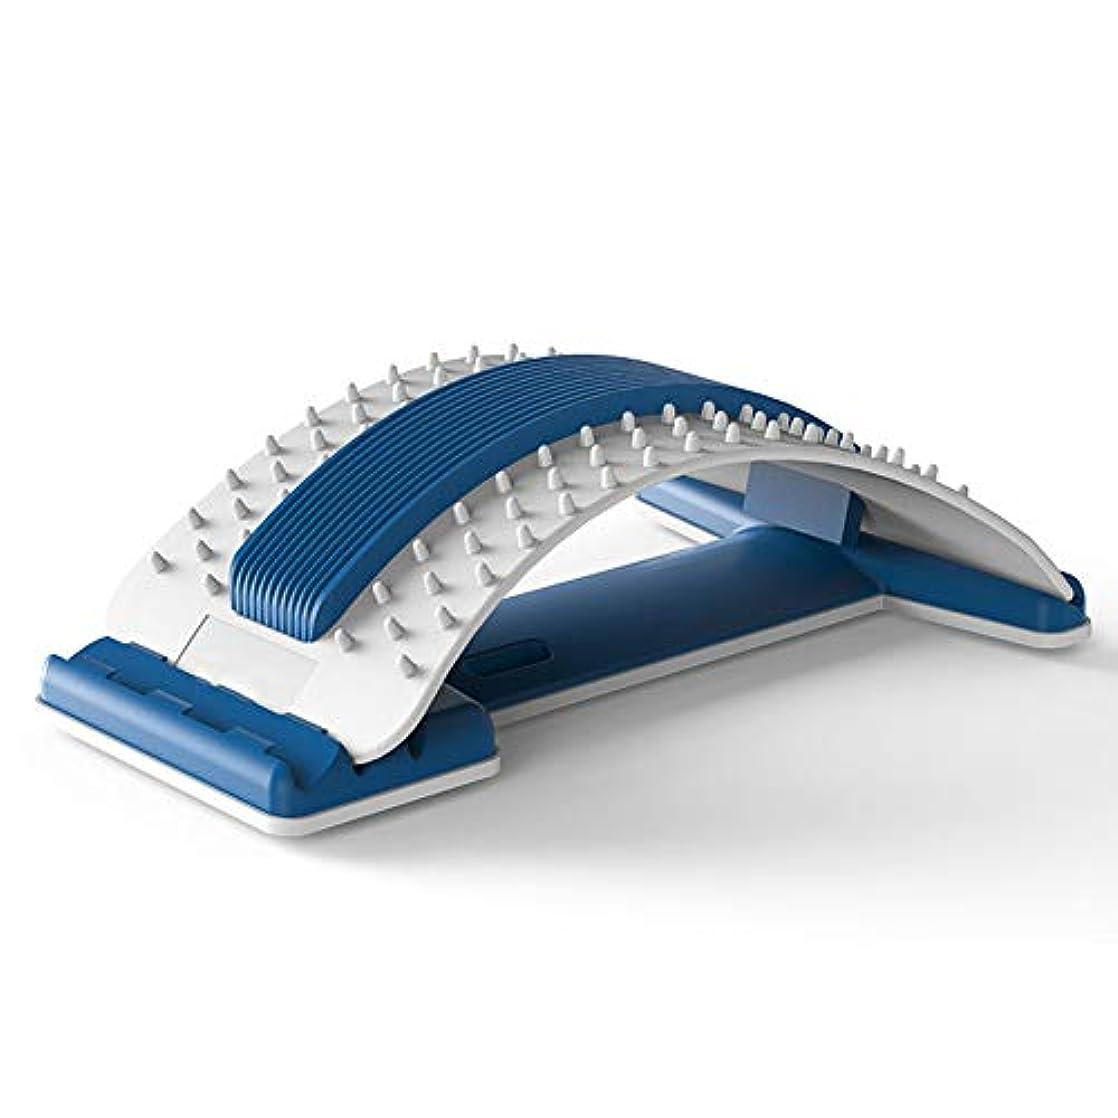 削るコンベンションシュリンク腰椎矯正腰椎間板ヘルニアトラクターポータブル鍼治療パッド腰椎理学療法器具家庭用車